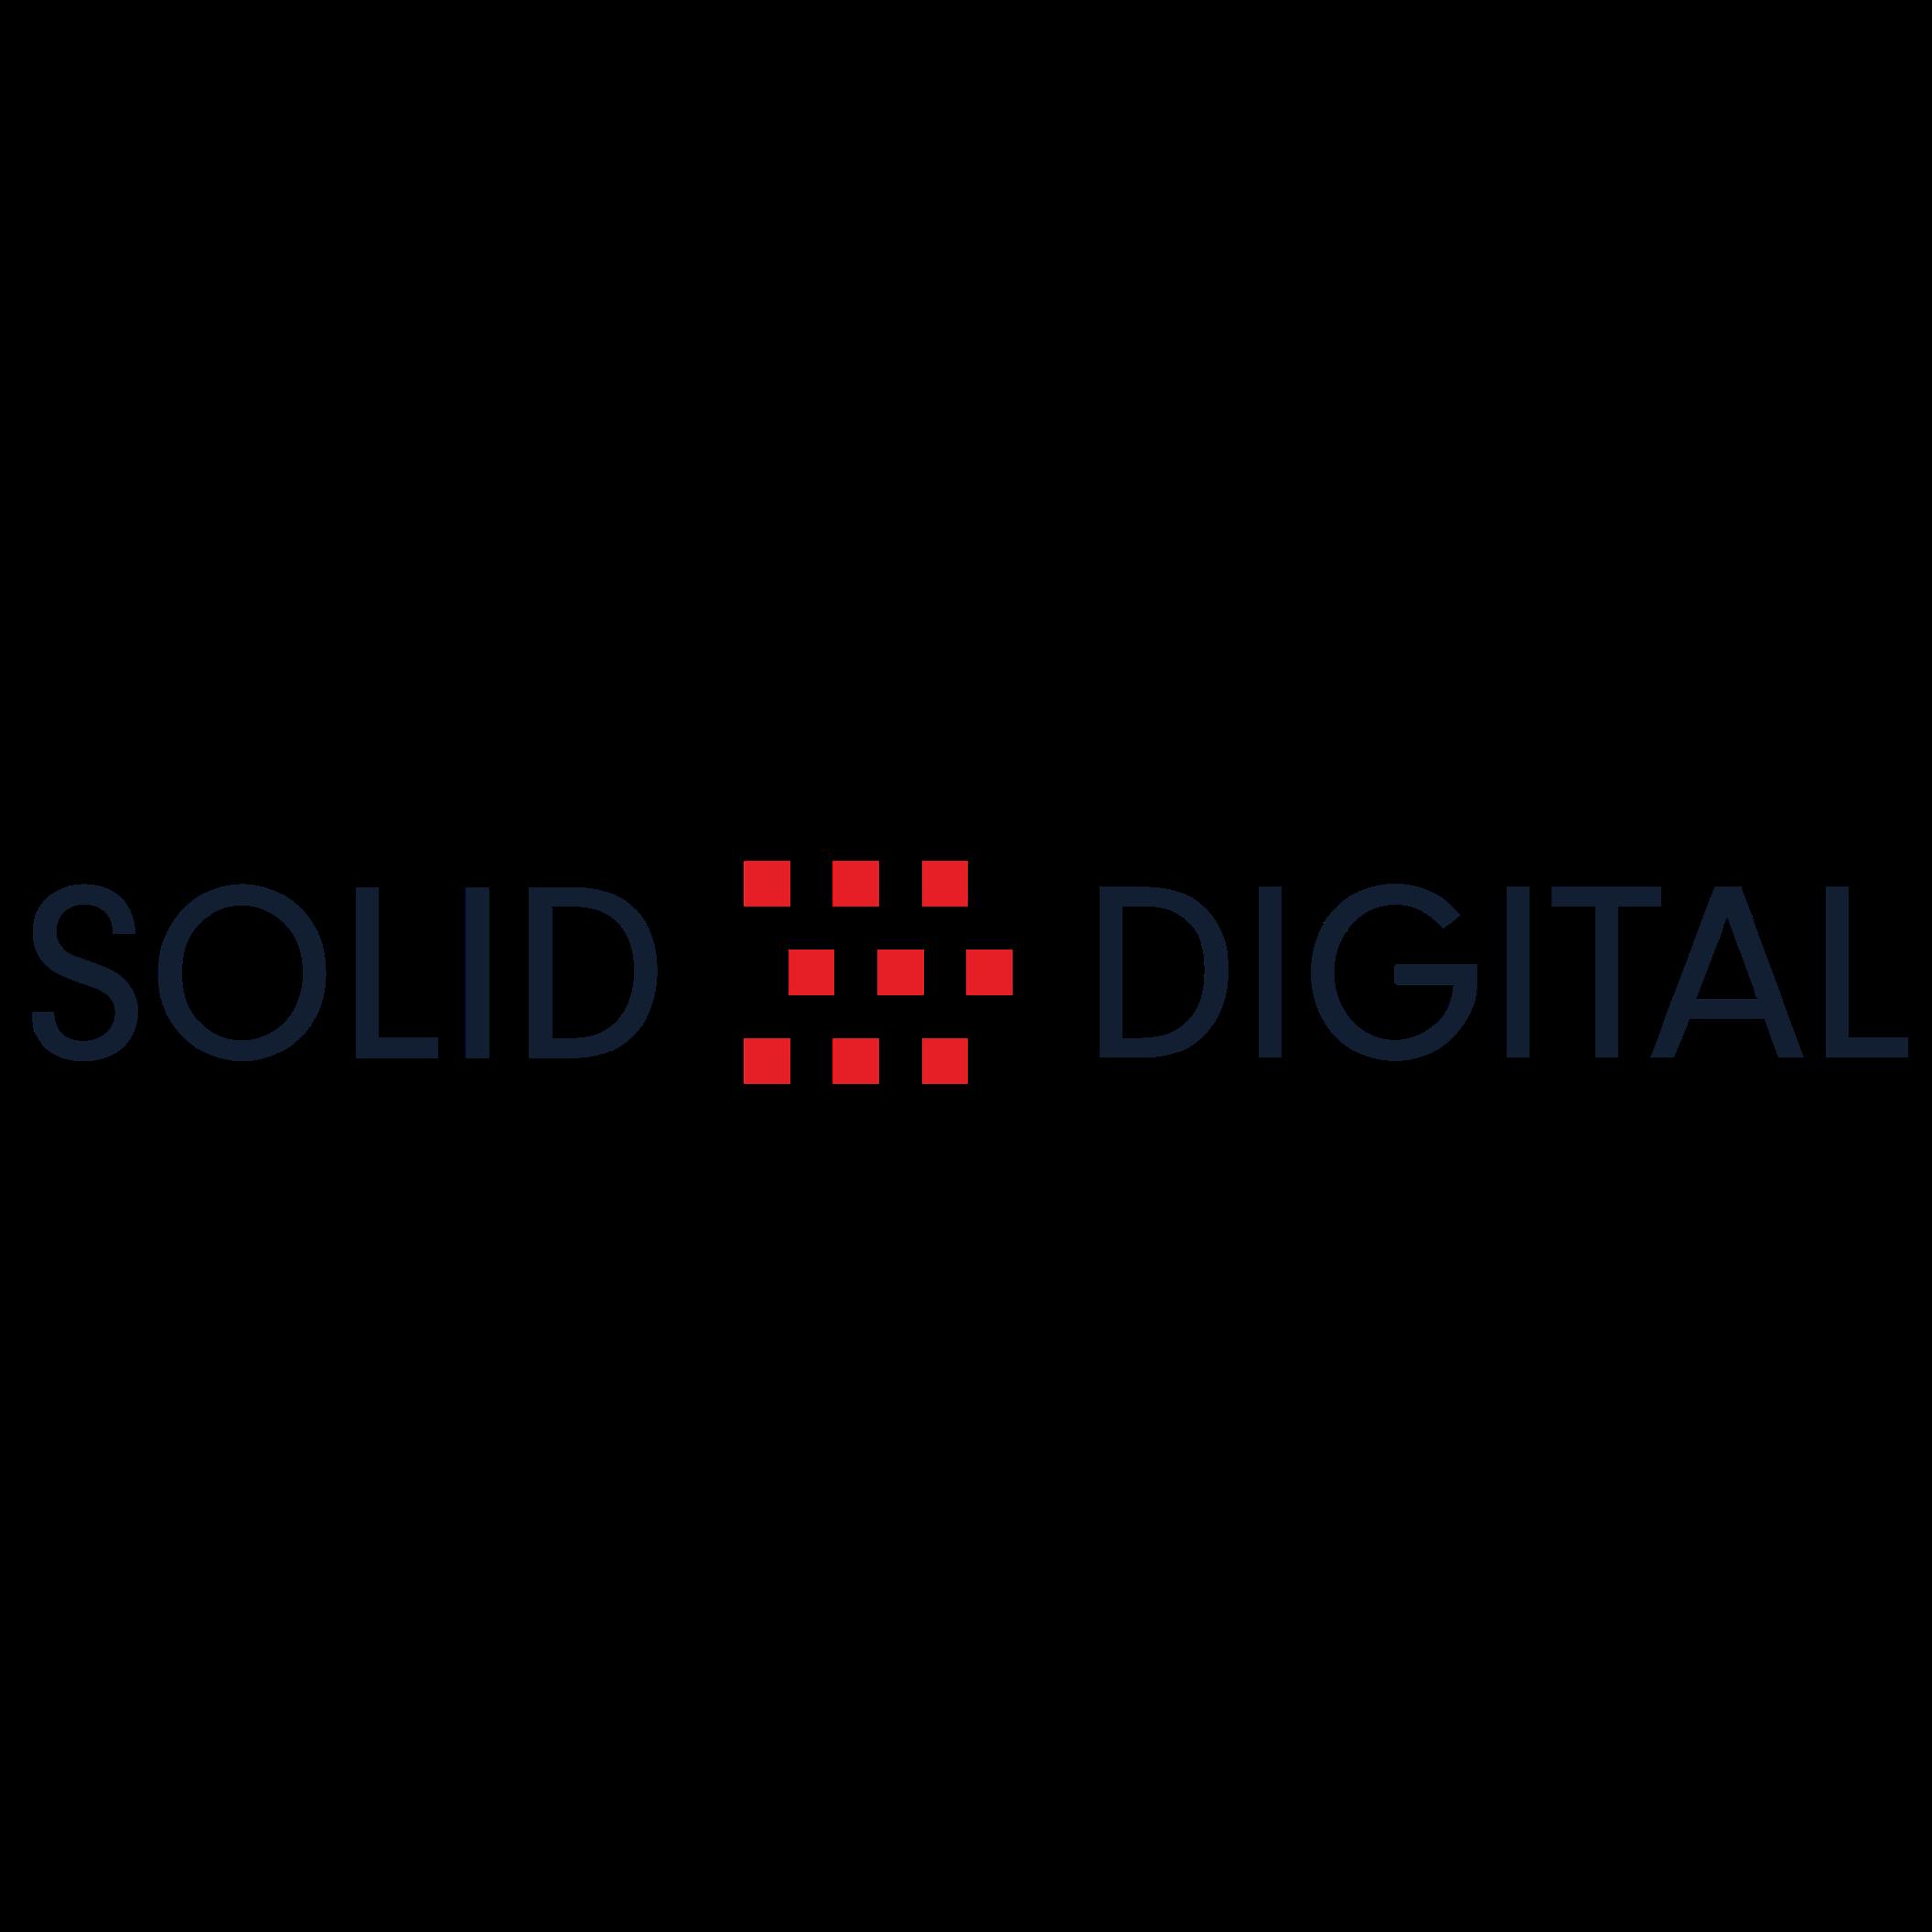 Solid Digital logo.png